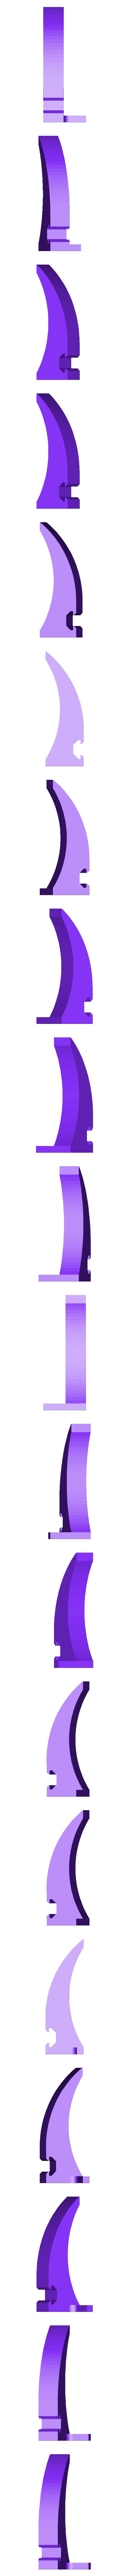 Soporte_bobina.stl Télécharger fichier STL gratuit Support de filament / Support universel de bobine de filament • Modèle pour impression 3D, ymagine